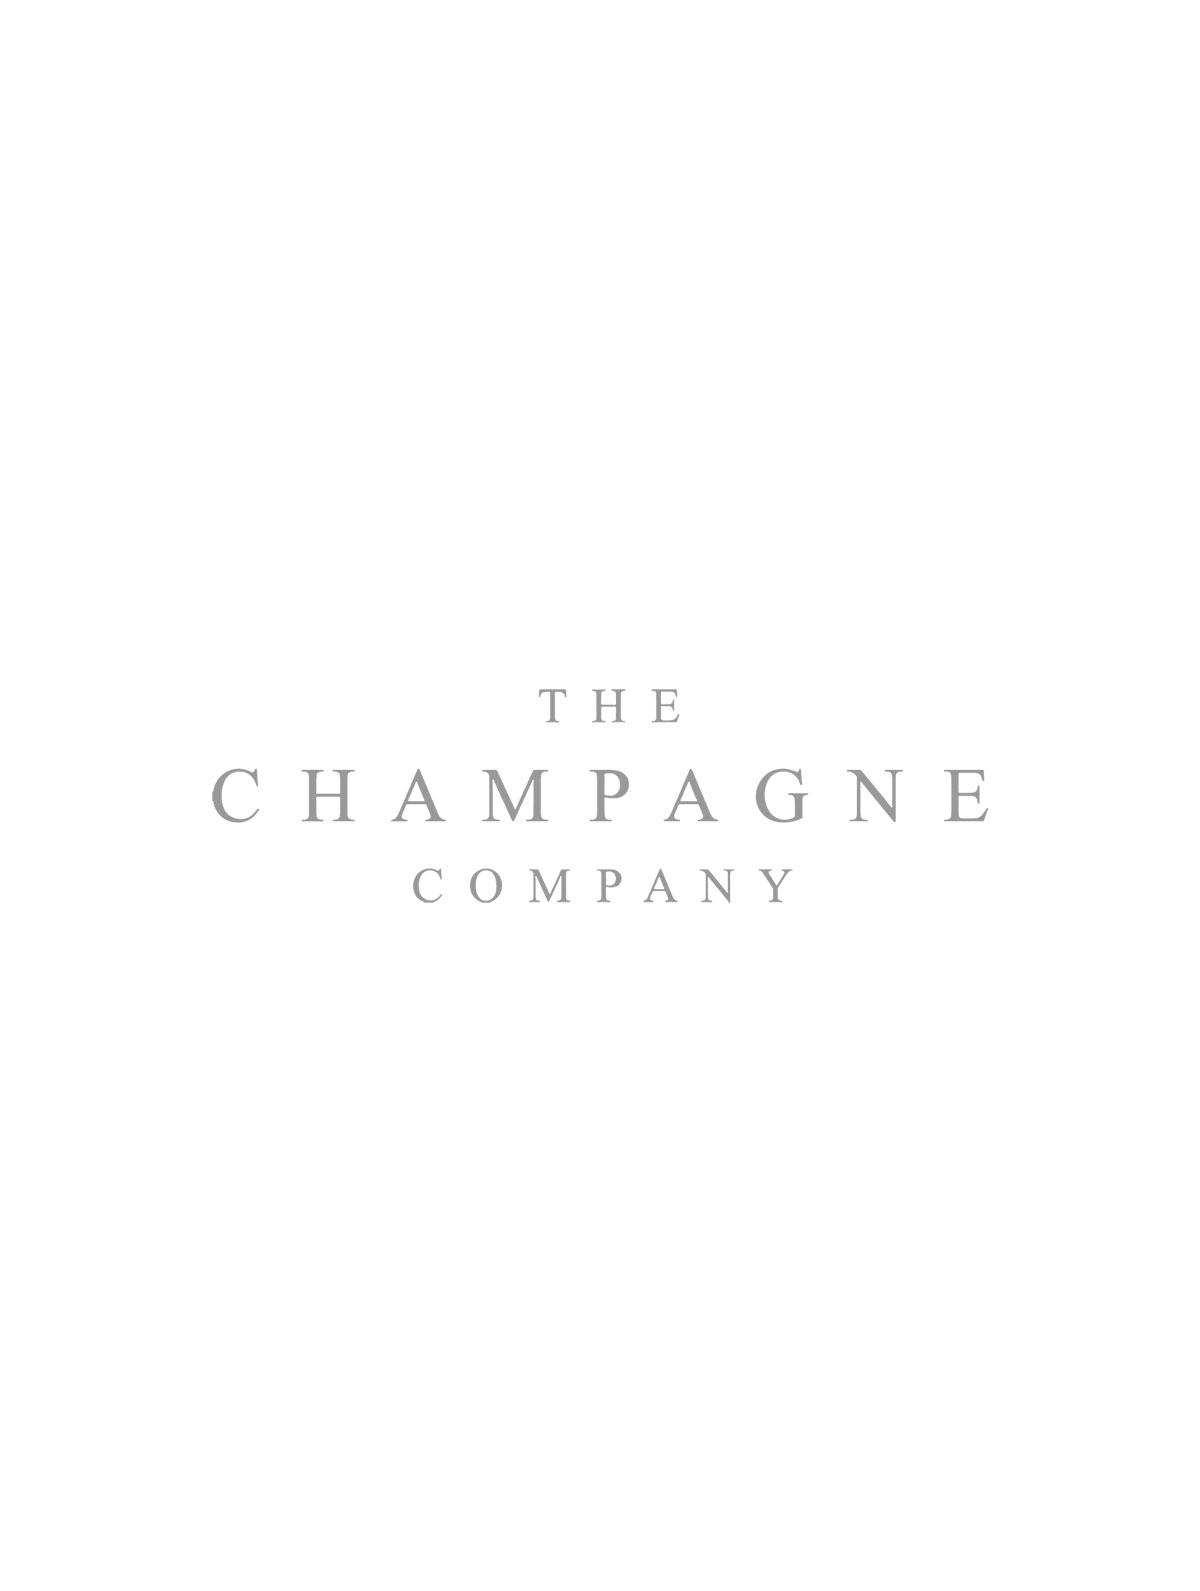 Sweetdram Escubac 70cl